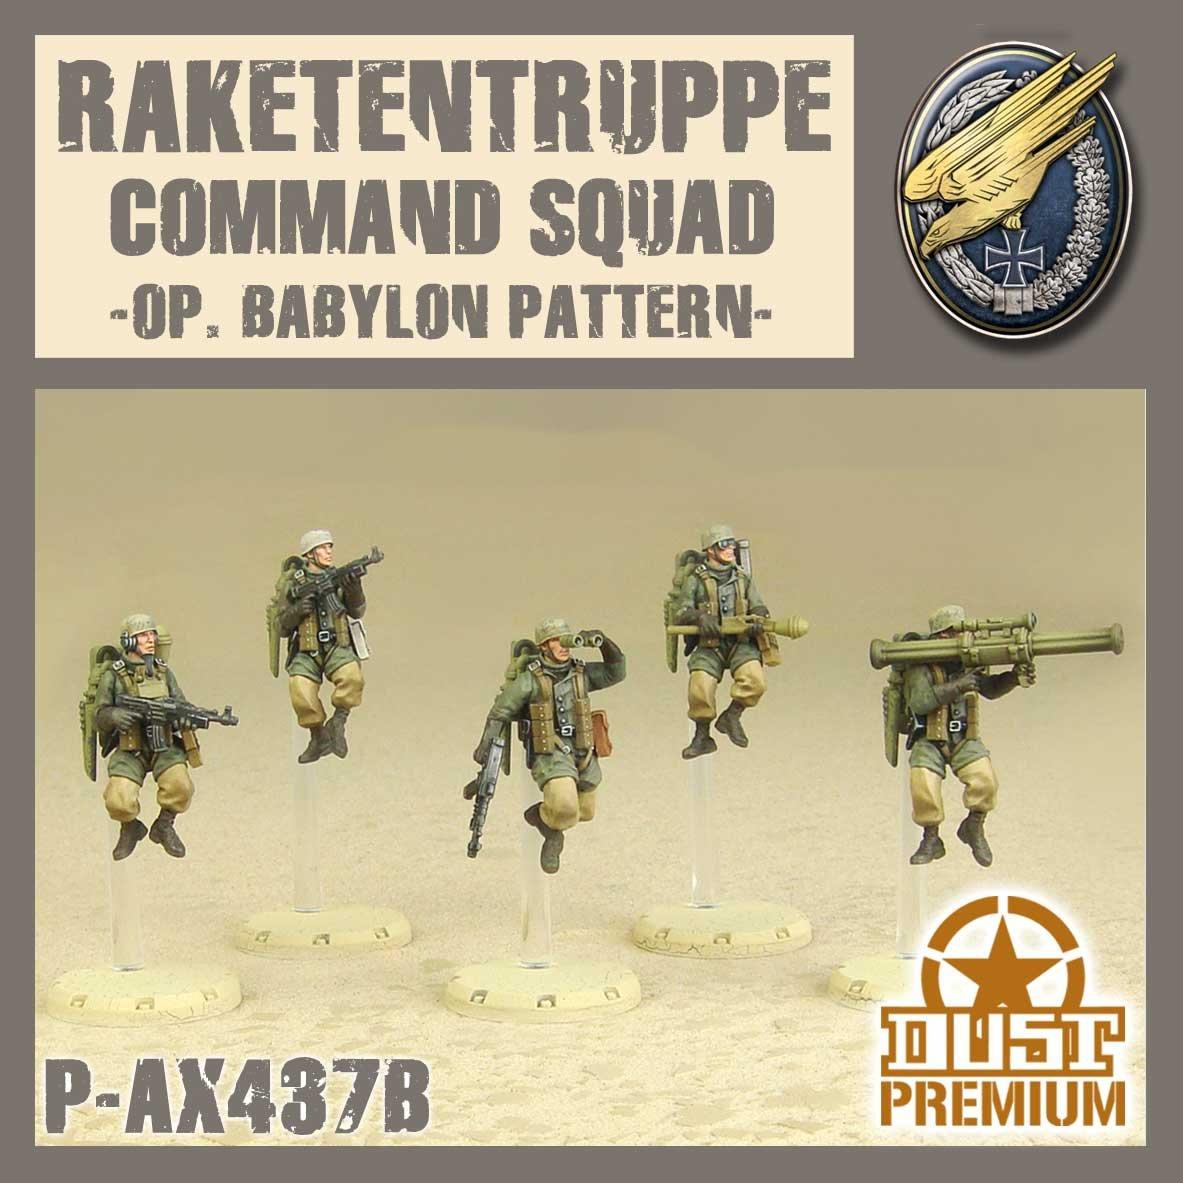 P-AX437B-SQUARE.jpg